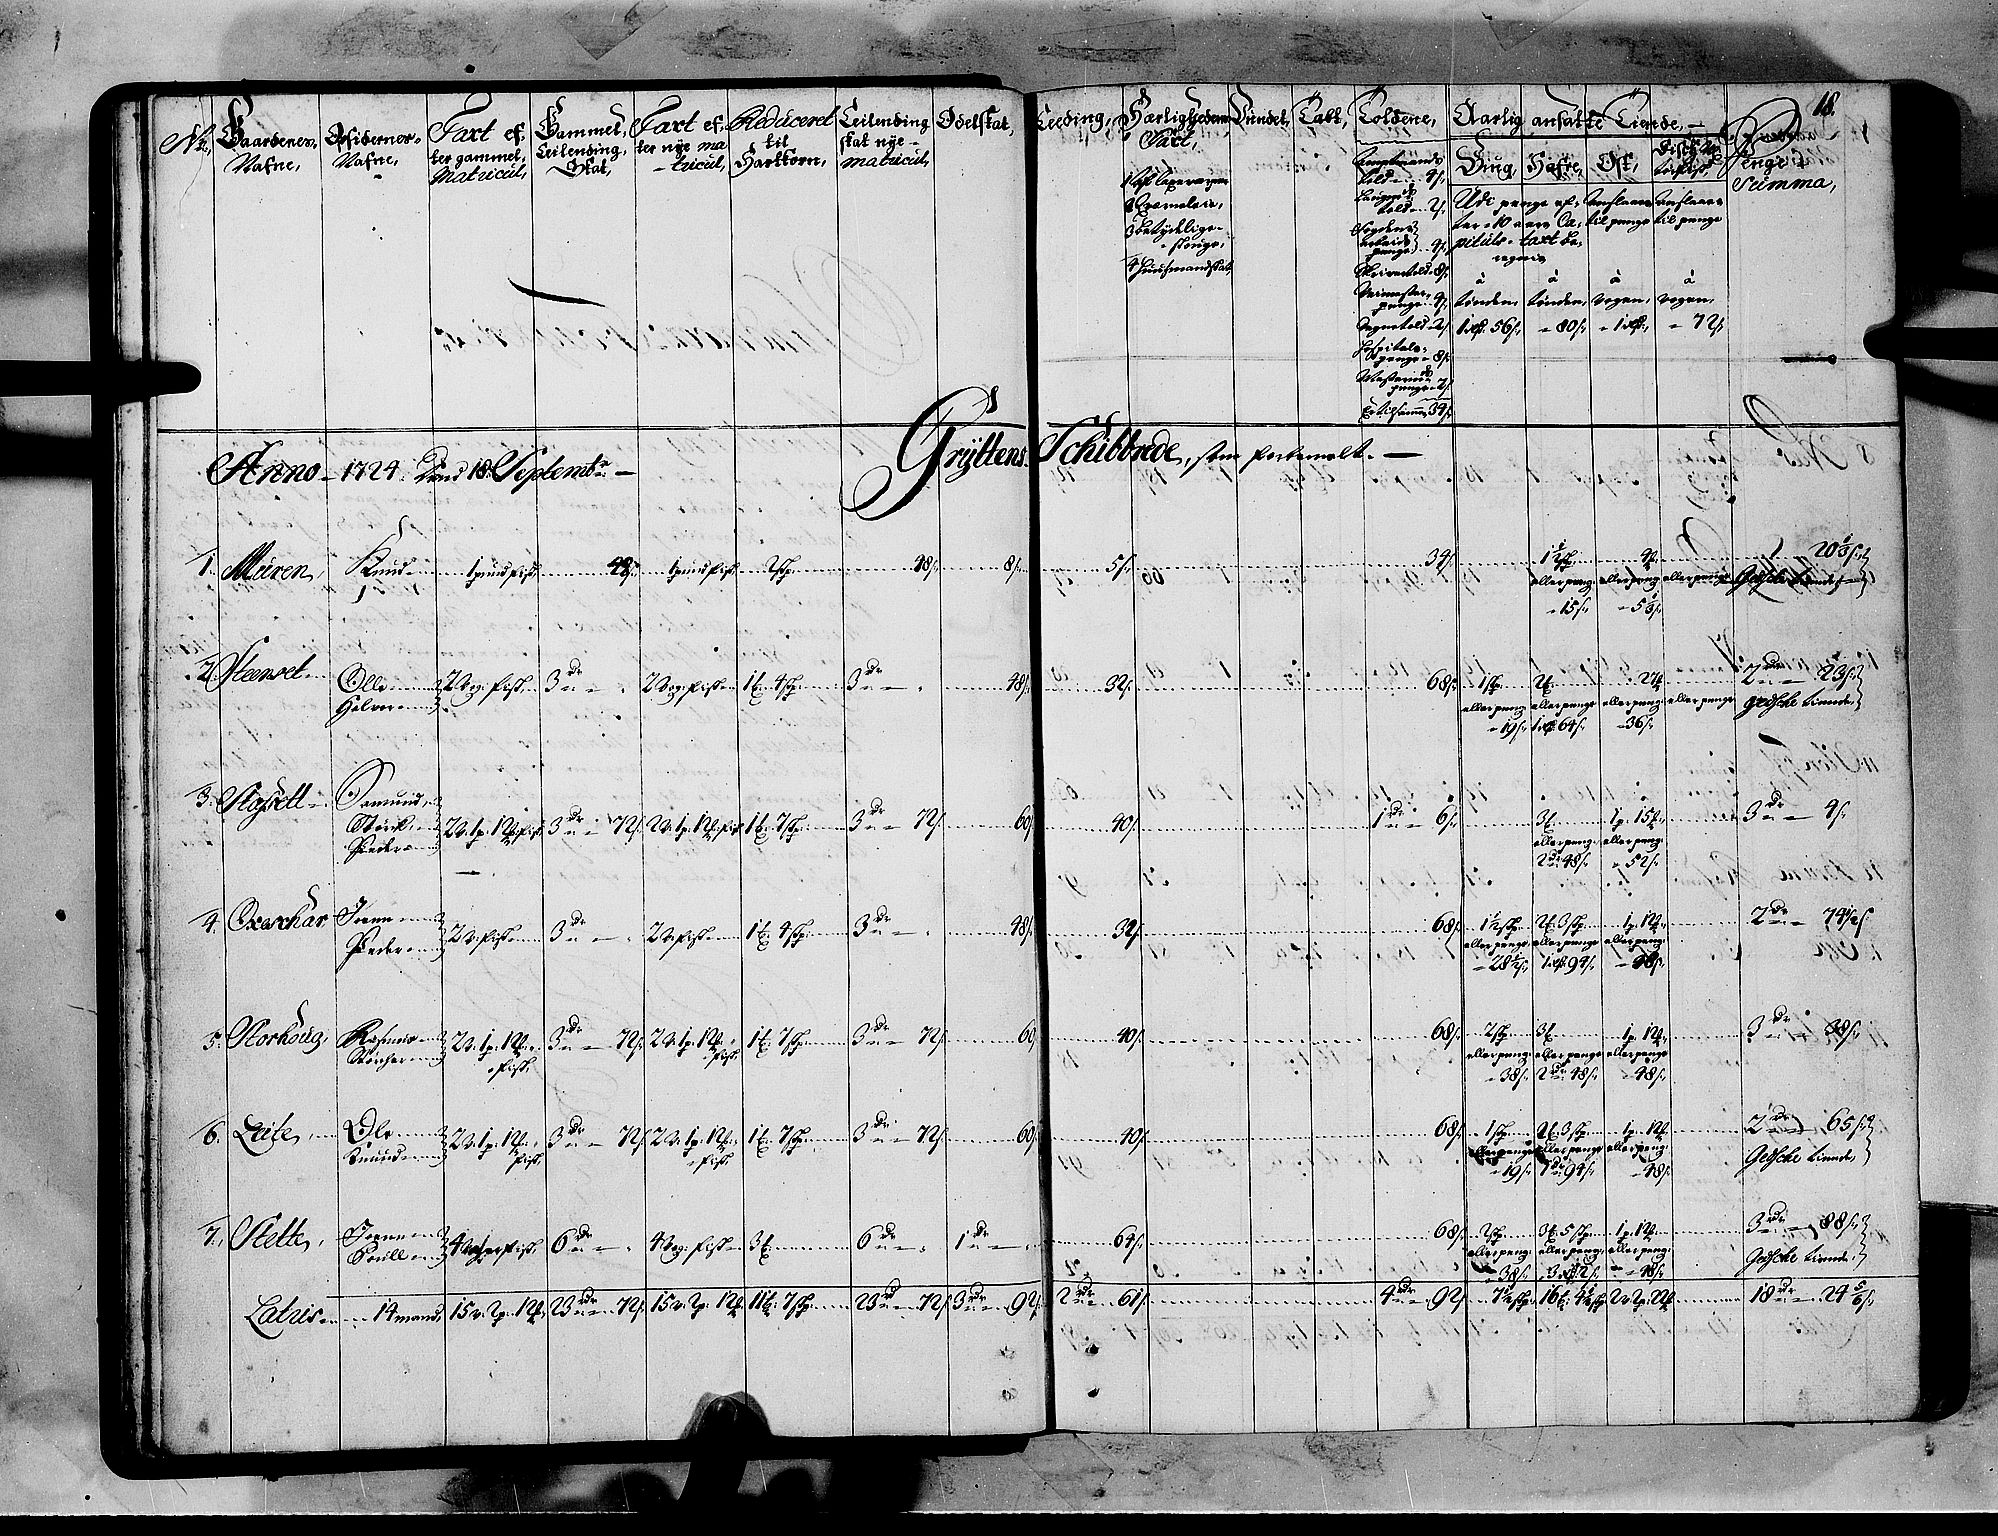 RA, Rentekammeret inntil 1814, Realistisk ordnet avdeling, N/Nb/Nbf/L0151: Sunnmøre matrikkelprotokoll, 1724, s. 17b-18a